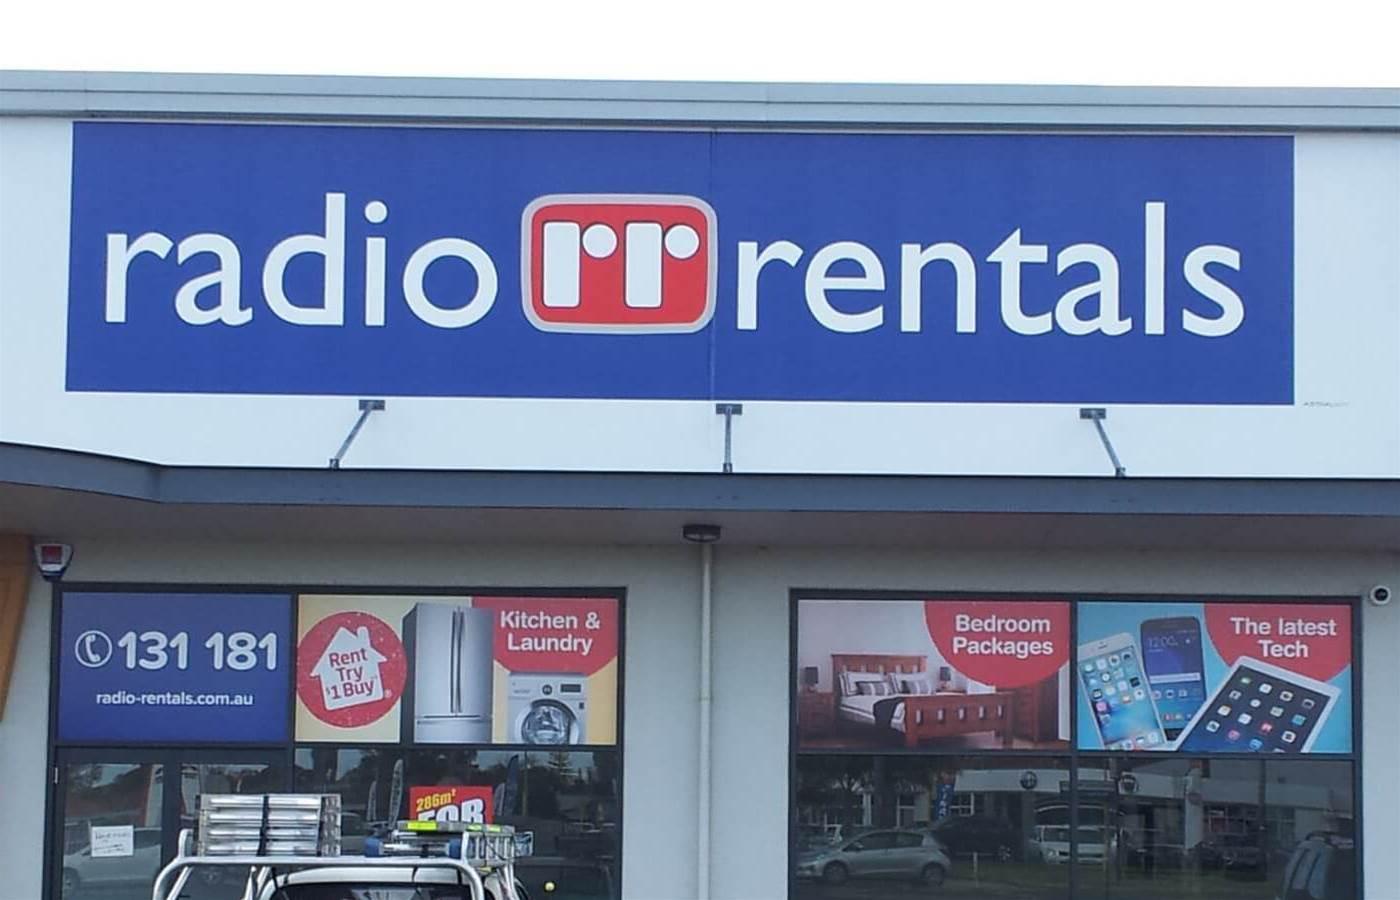 Radio Rentals parent denies acquisition speculation